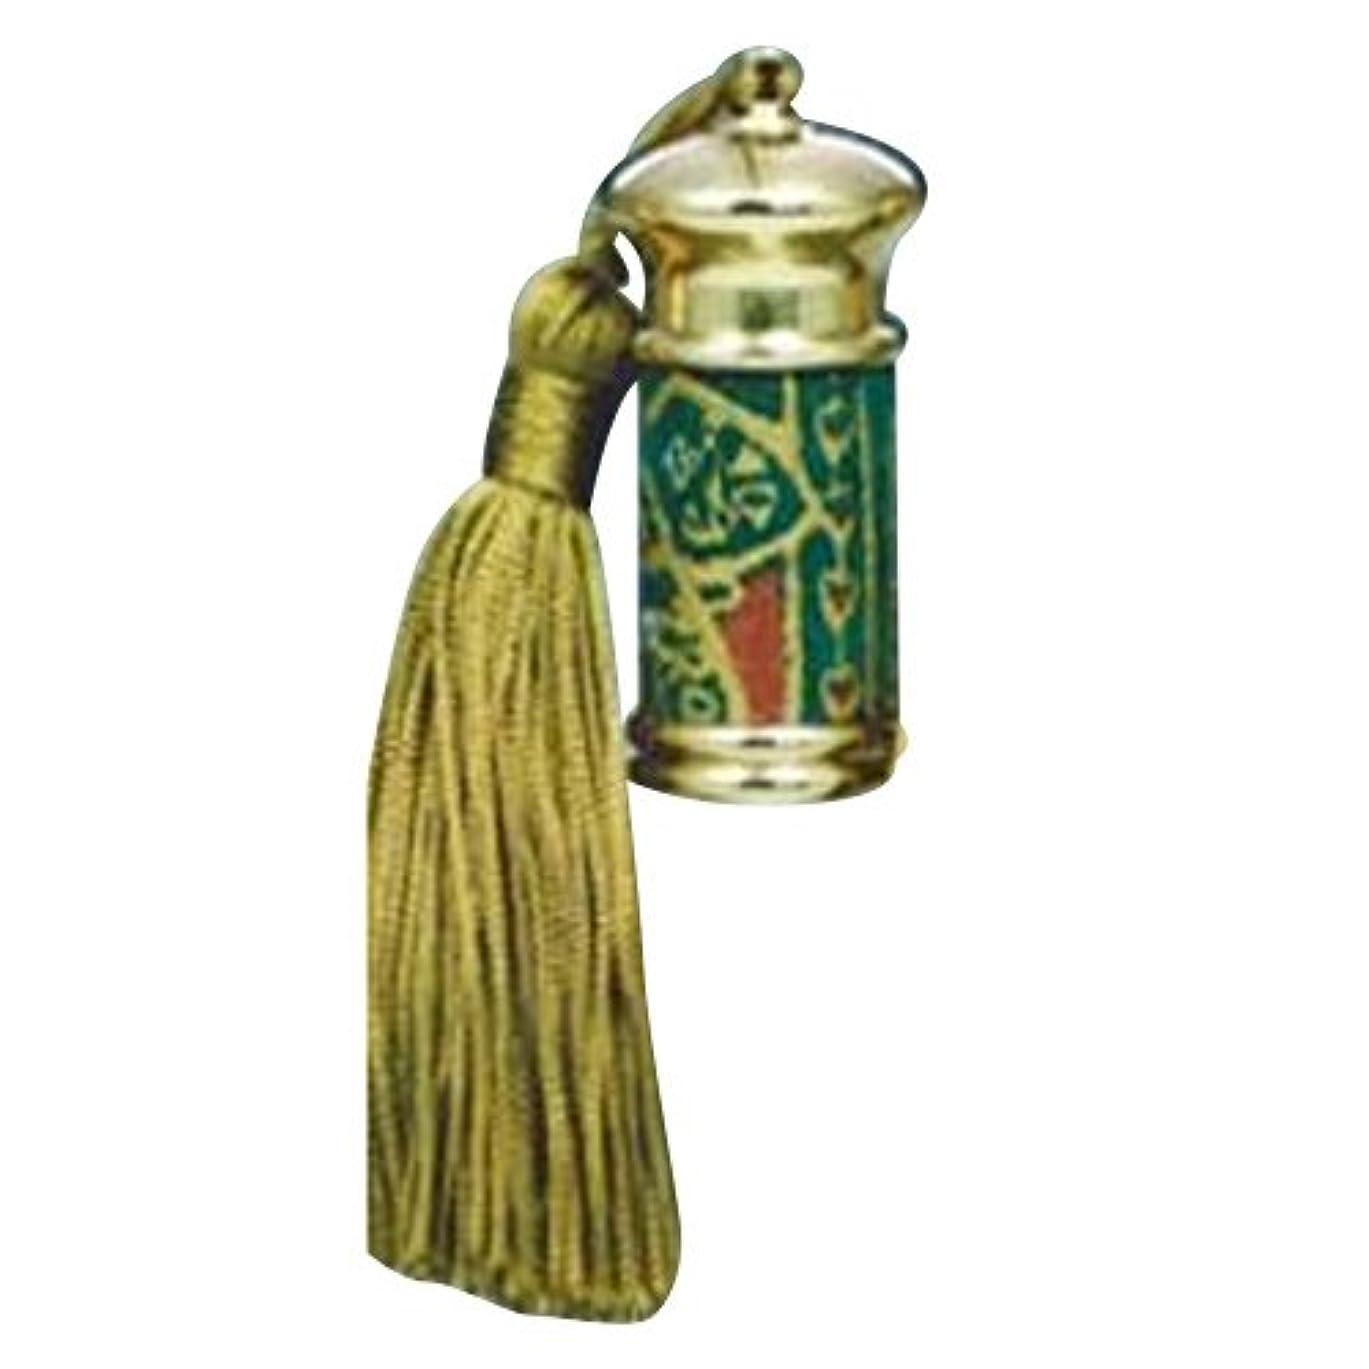 パス軽量メタリックヒロセアトマイザー エスニック レザー ボトル (真鍮 革巻き) 23012 GR (グリーン)